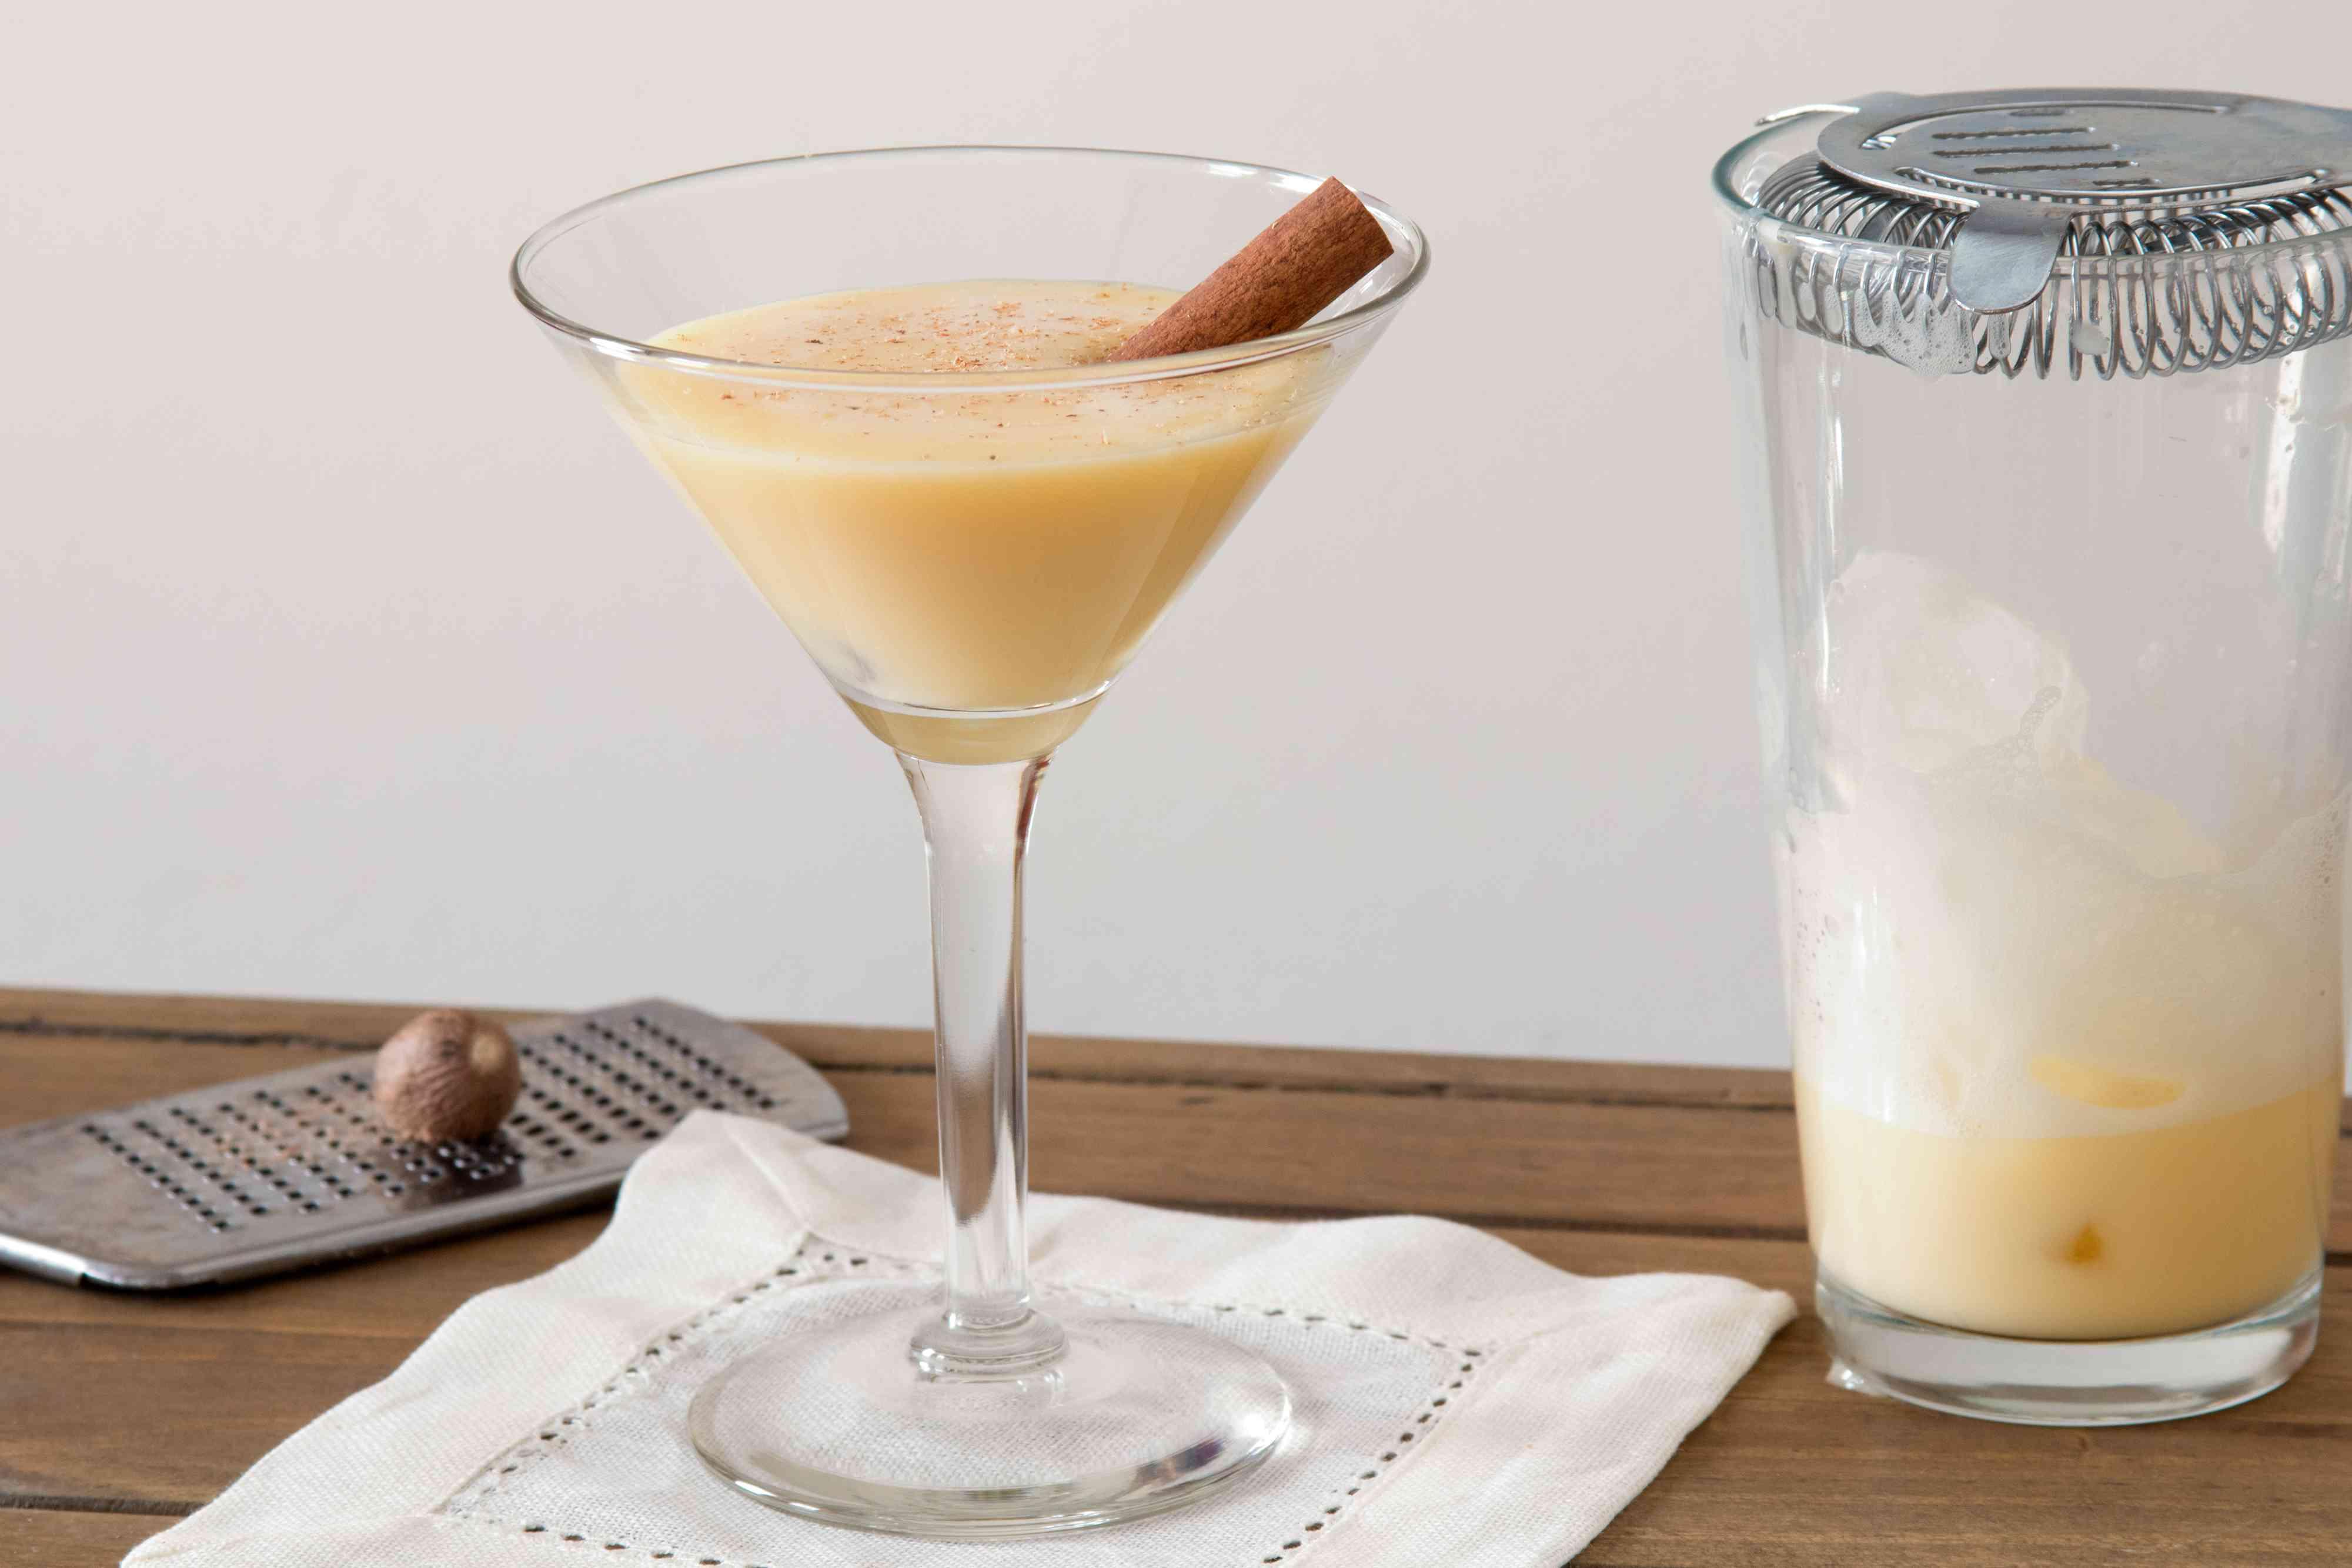 Garnish an Eggnog Martini